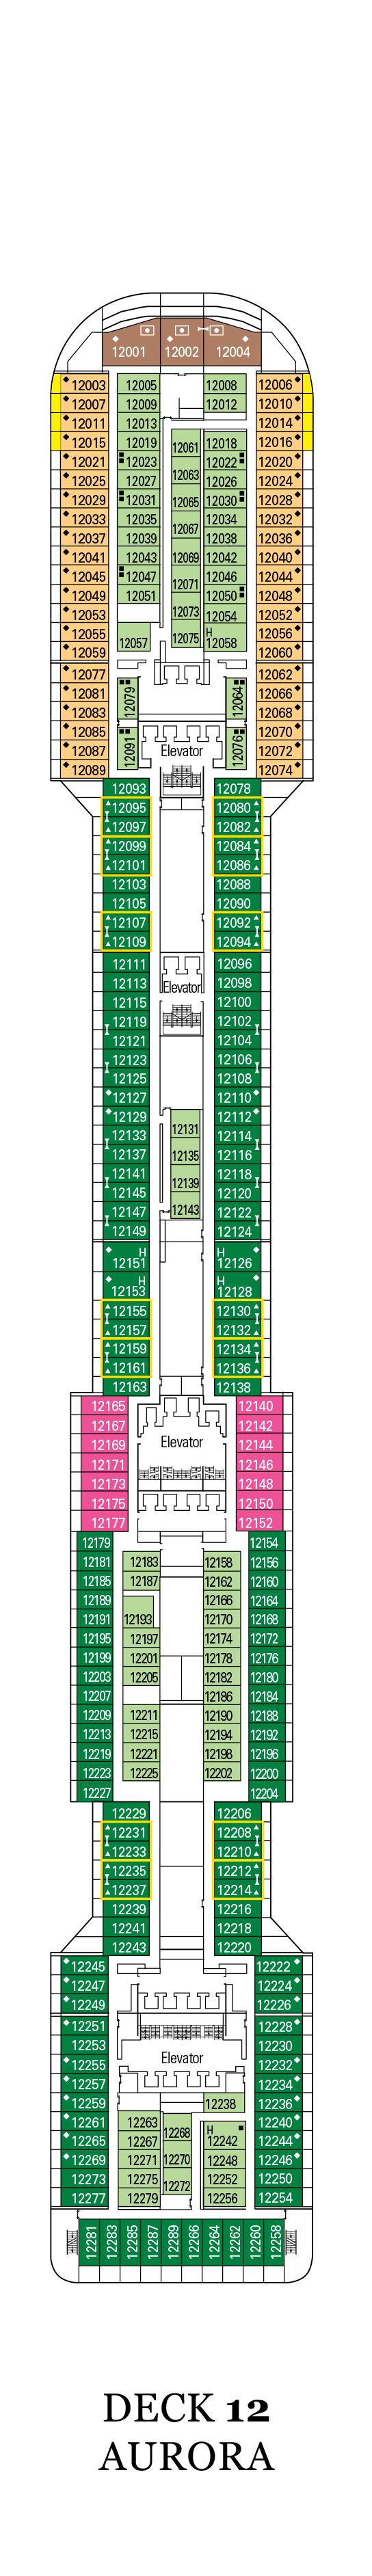 Msc divina deck plans cruiseind for Msc divina floor plan